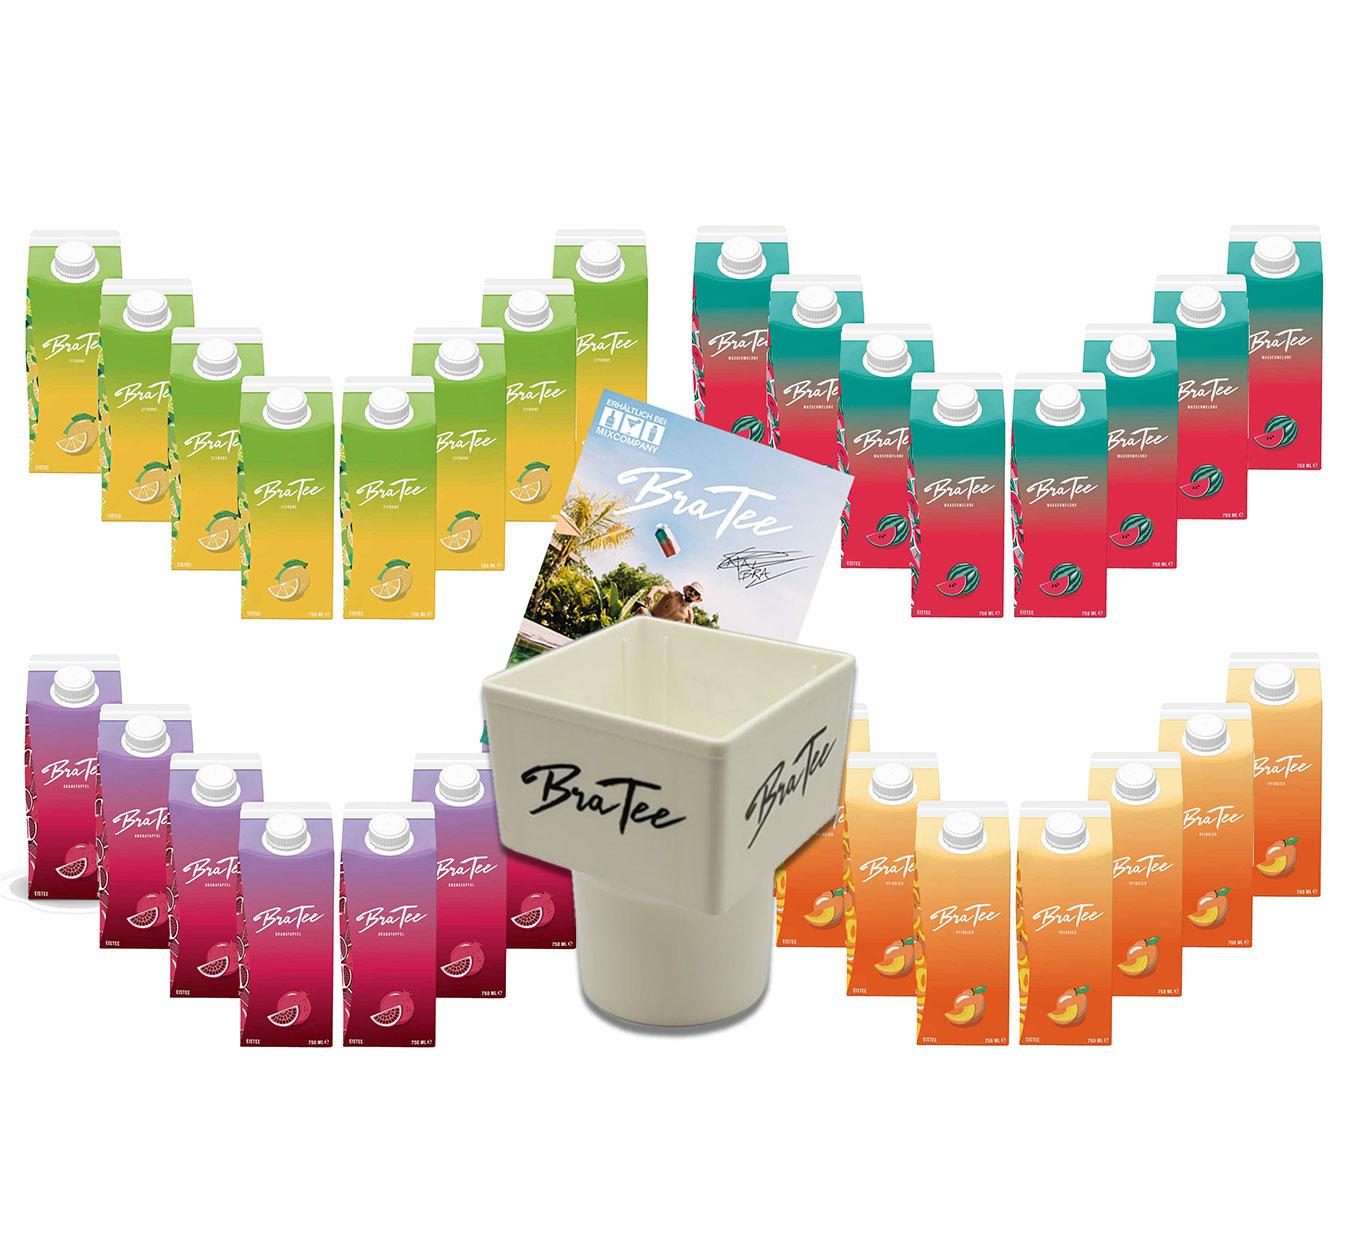 Capital BraTee 32er Tasting Set 8 pro Geschmackssorte Eistee je 750ml + Gratis Getränkehalter + Autogrammkarte BRATEE Ice tea 8x Wassermelone 8x Zitrone 8x Pfirsich 8x Granatapfel - mit Capi-Qualitäts-Siegel